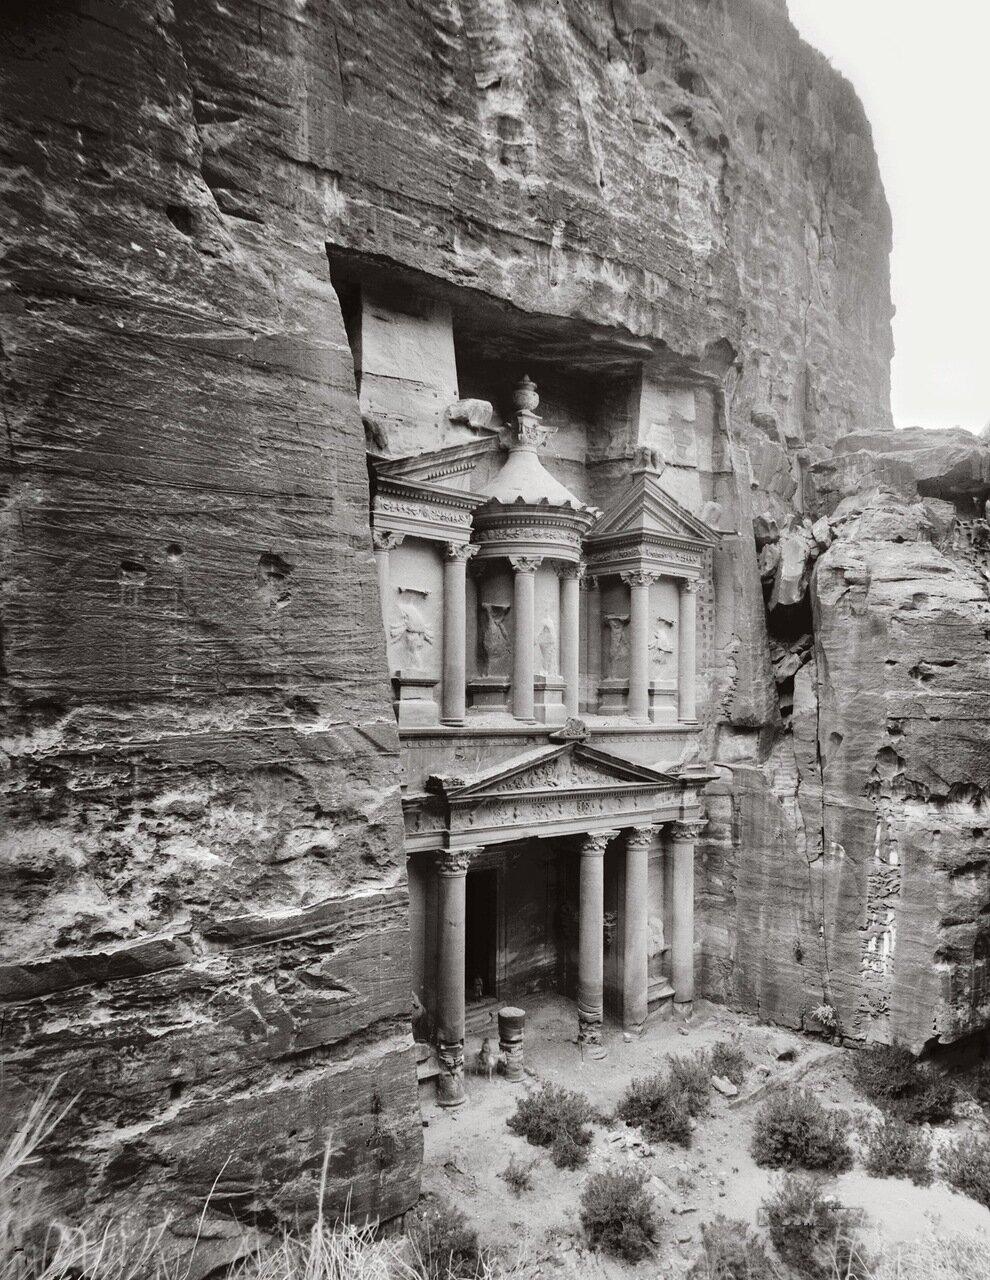 Храм Эль-Хазне с юго-востока. Петра,Трансиордания. 1900-1920 гг.